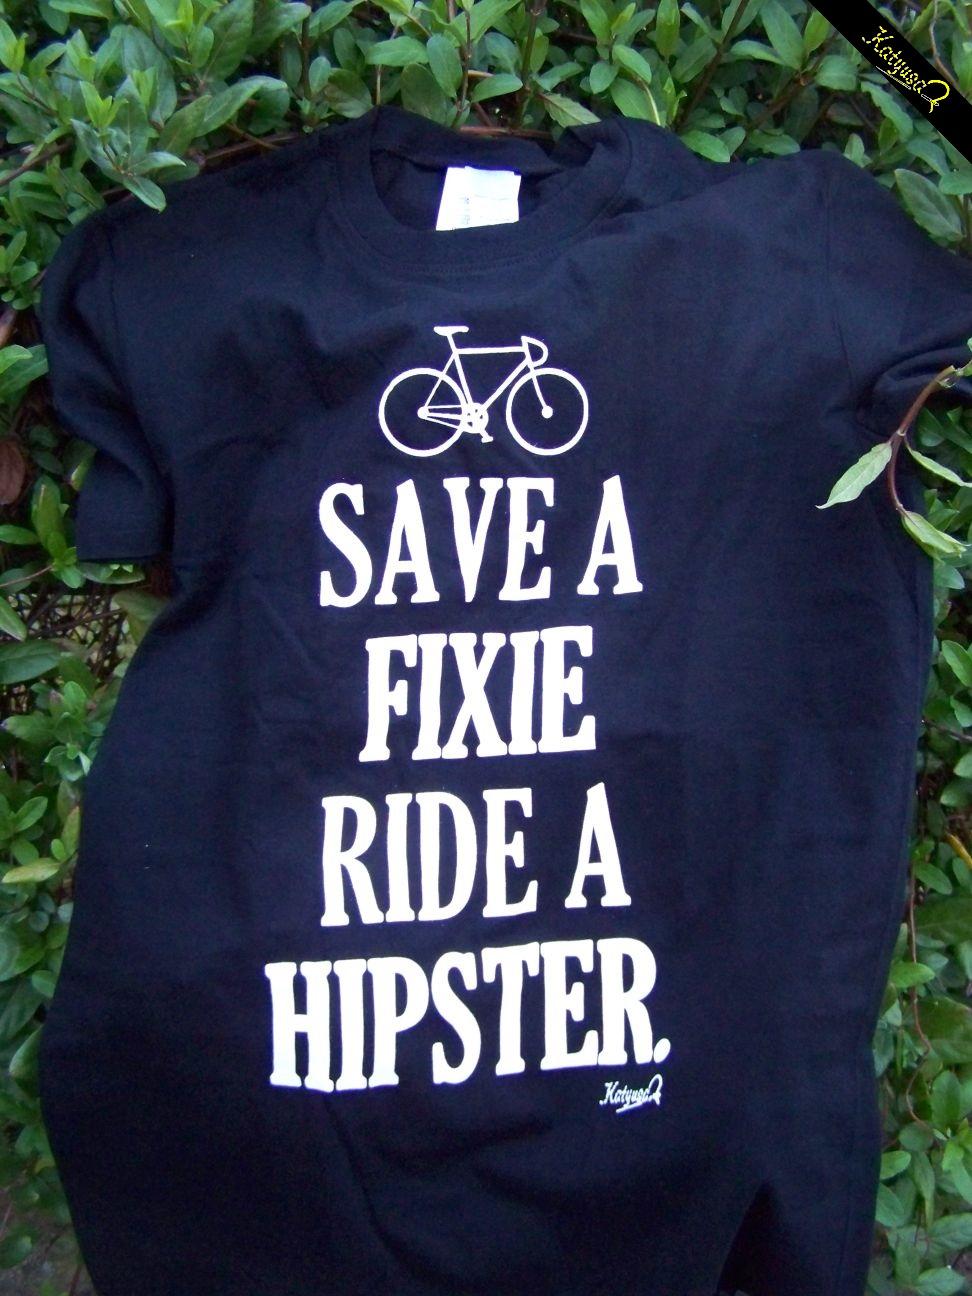 hipster polo.JPG